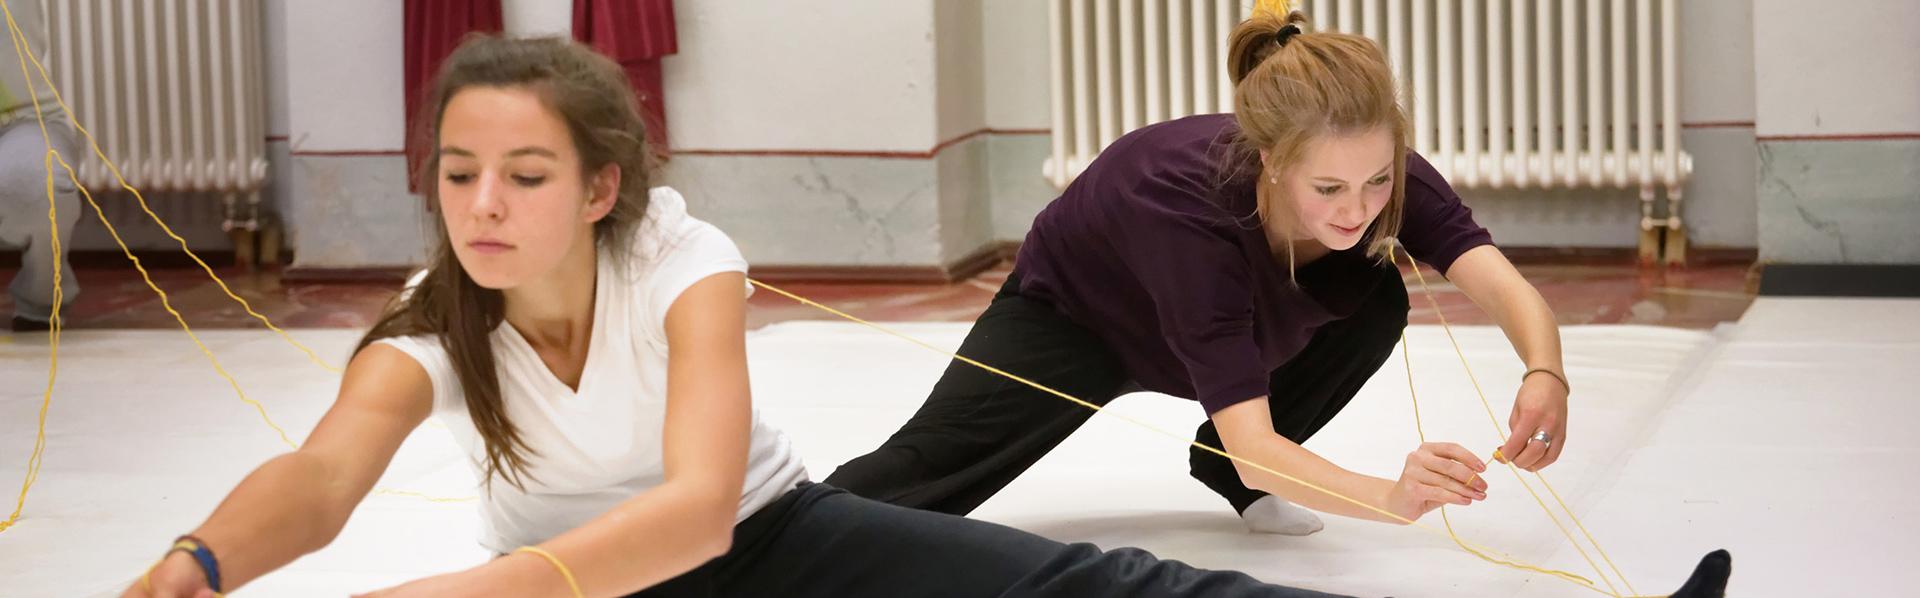 Bachelor-Studium Kultur und Management: Zwei Studentinnen bei Tanzdarstellung mit Wollfaden.